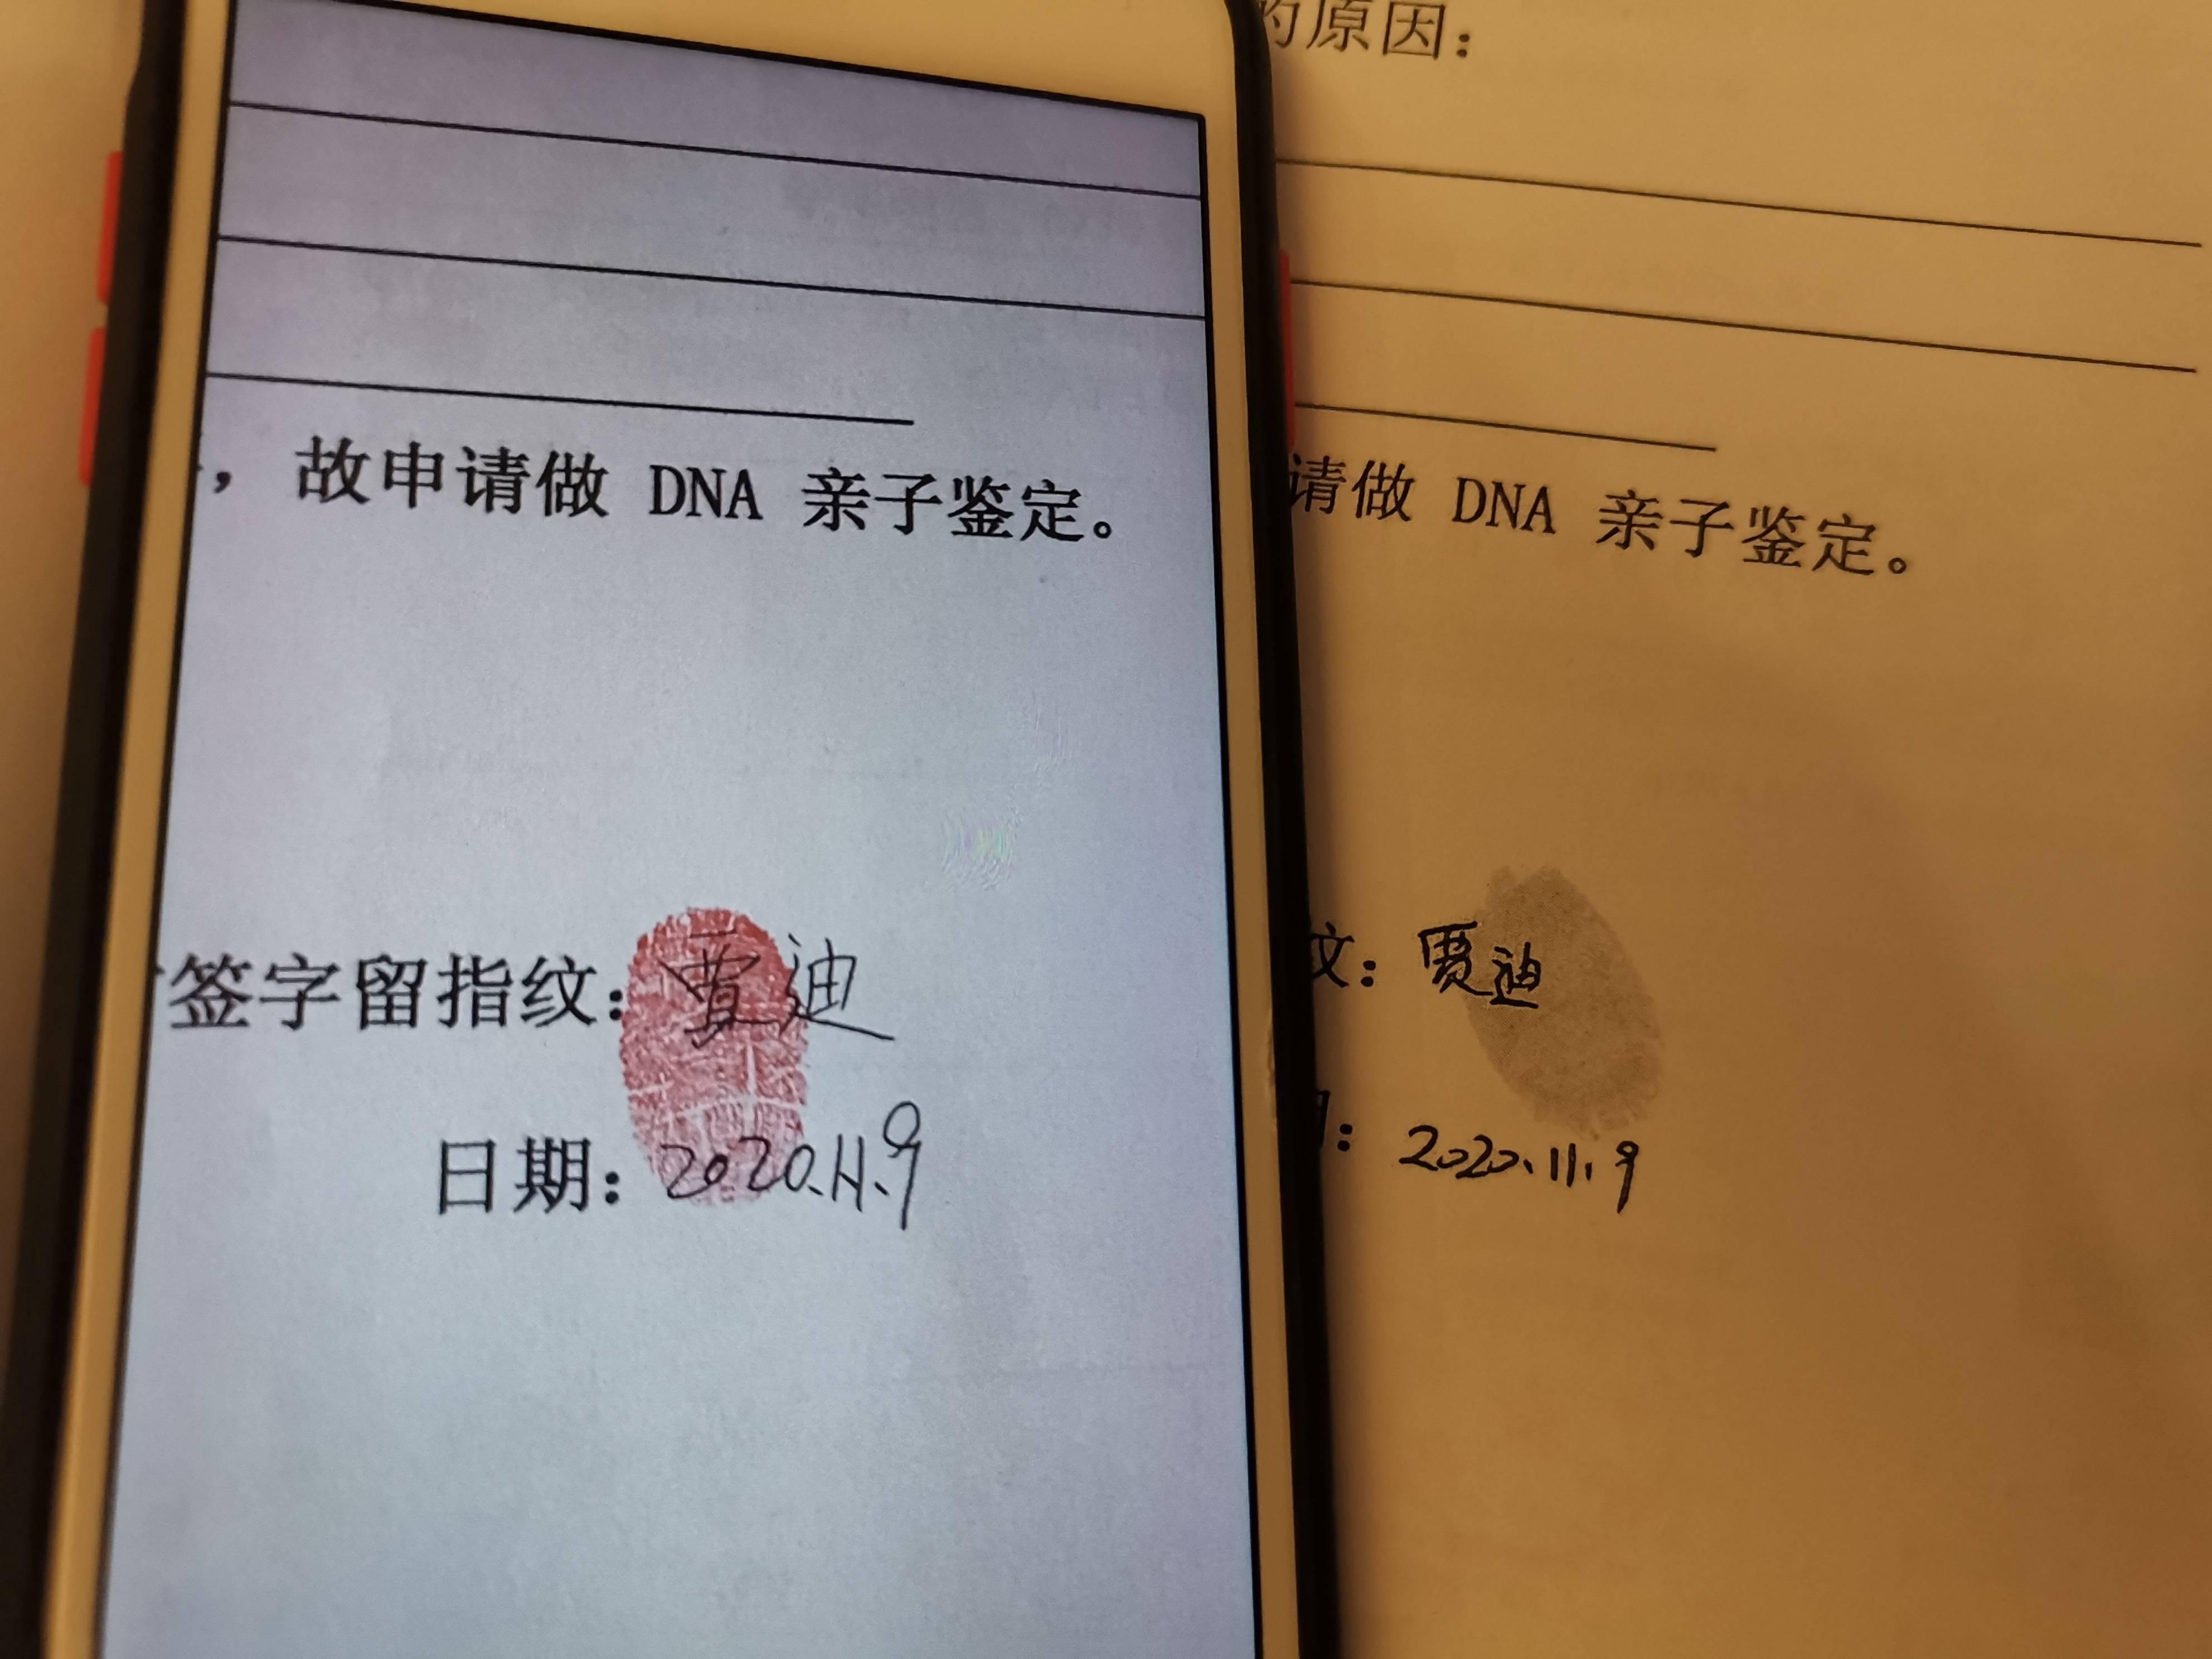 司法亲子鉴定乱象:鉴定机构违规招代理,血样邮寄可作假!